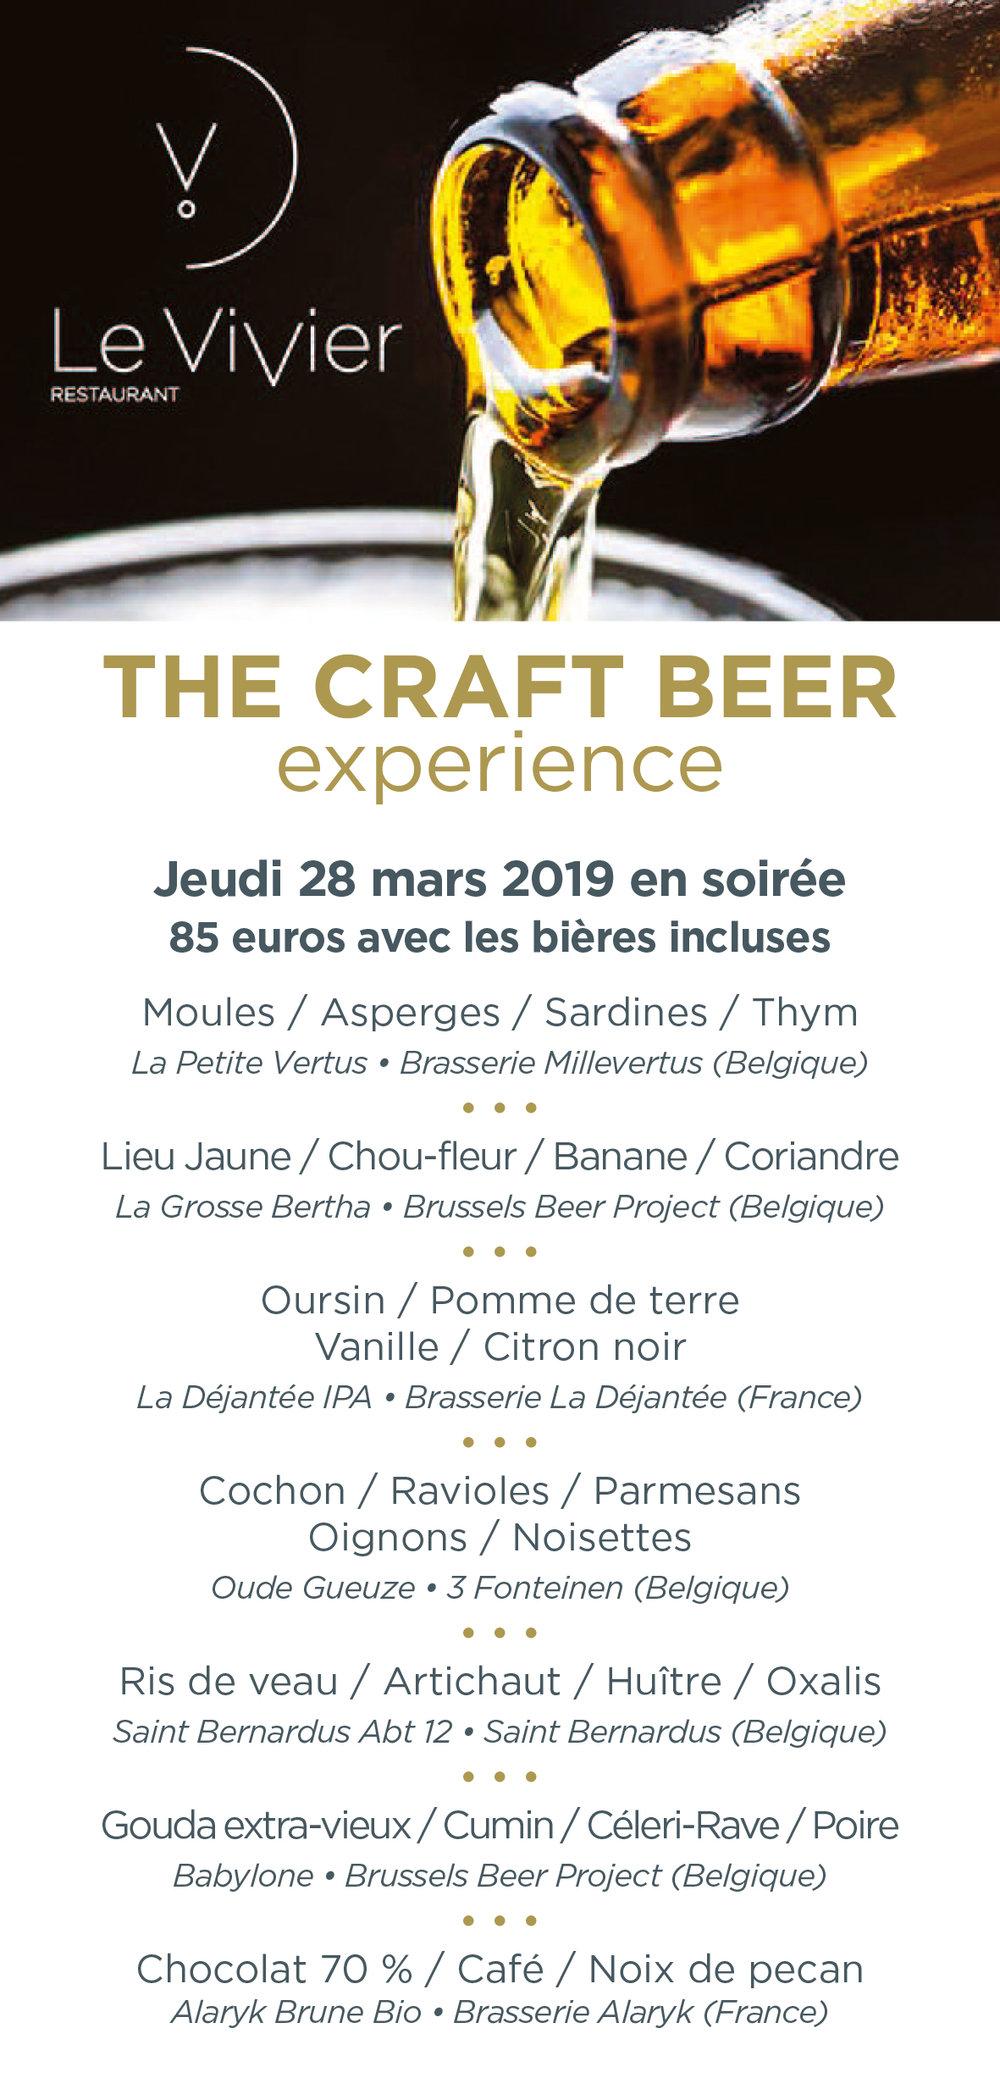 menu bieres 2019.jpg